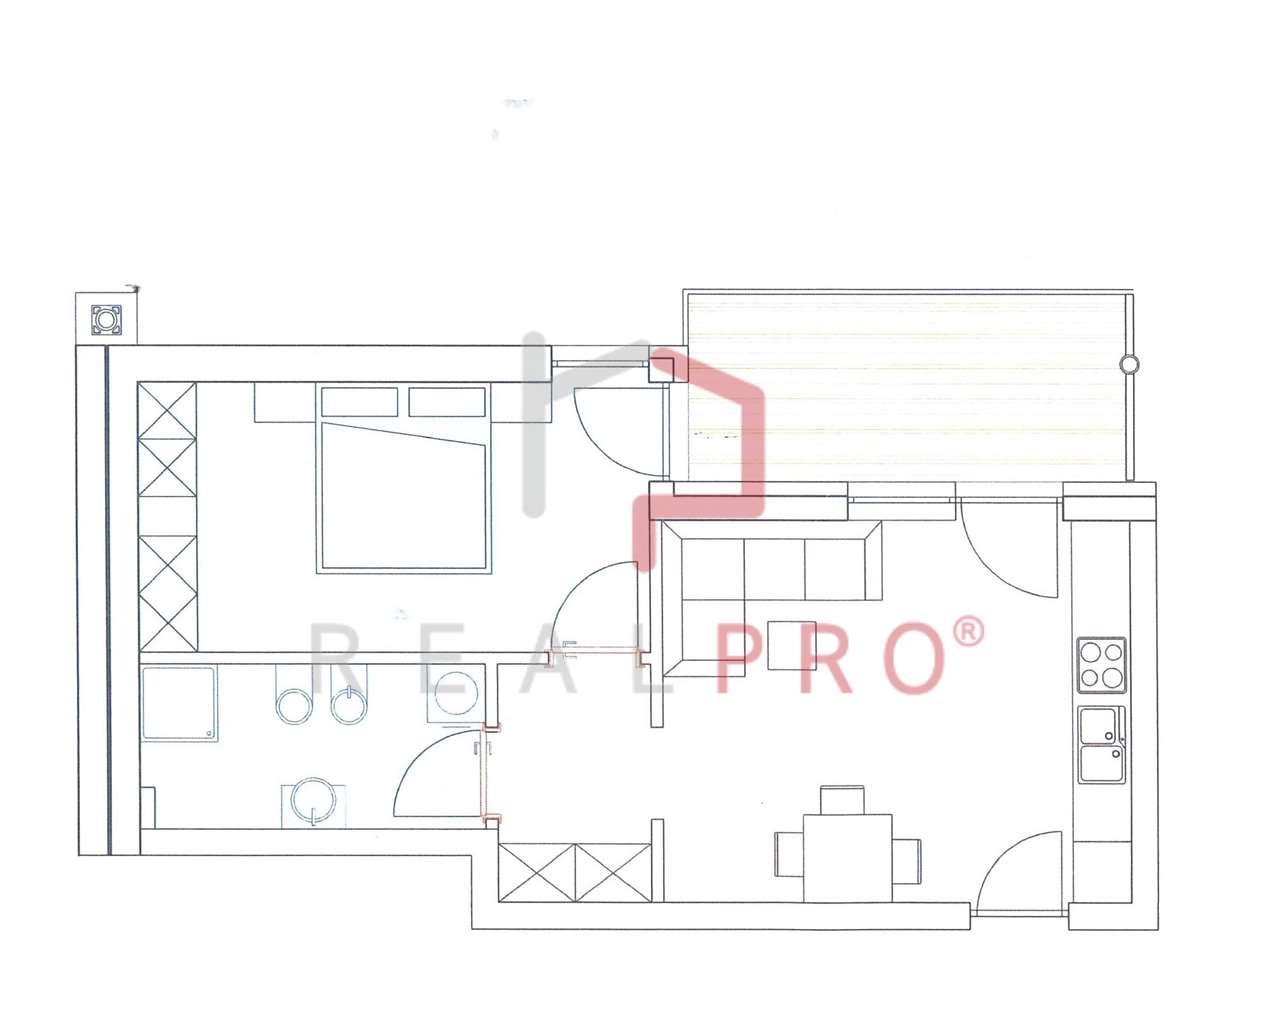 Appartamento in vendita a Villabassa, 2 locali, zona Località: Villabassa, prezzo € 235.000 | CambioCasa.it